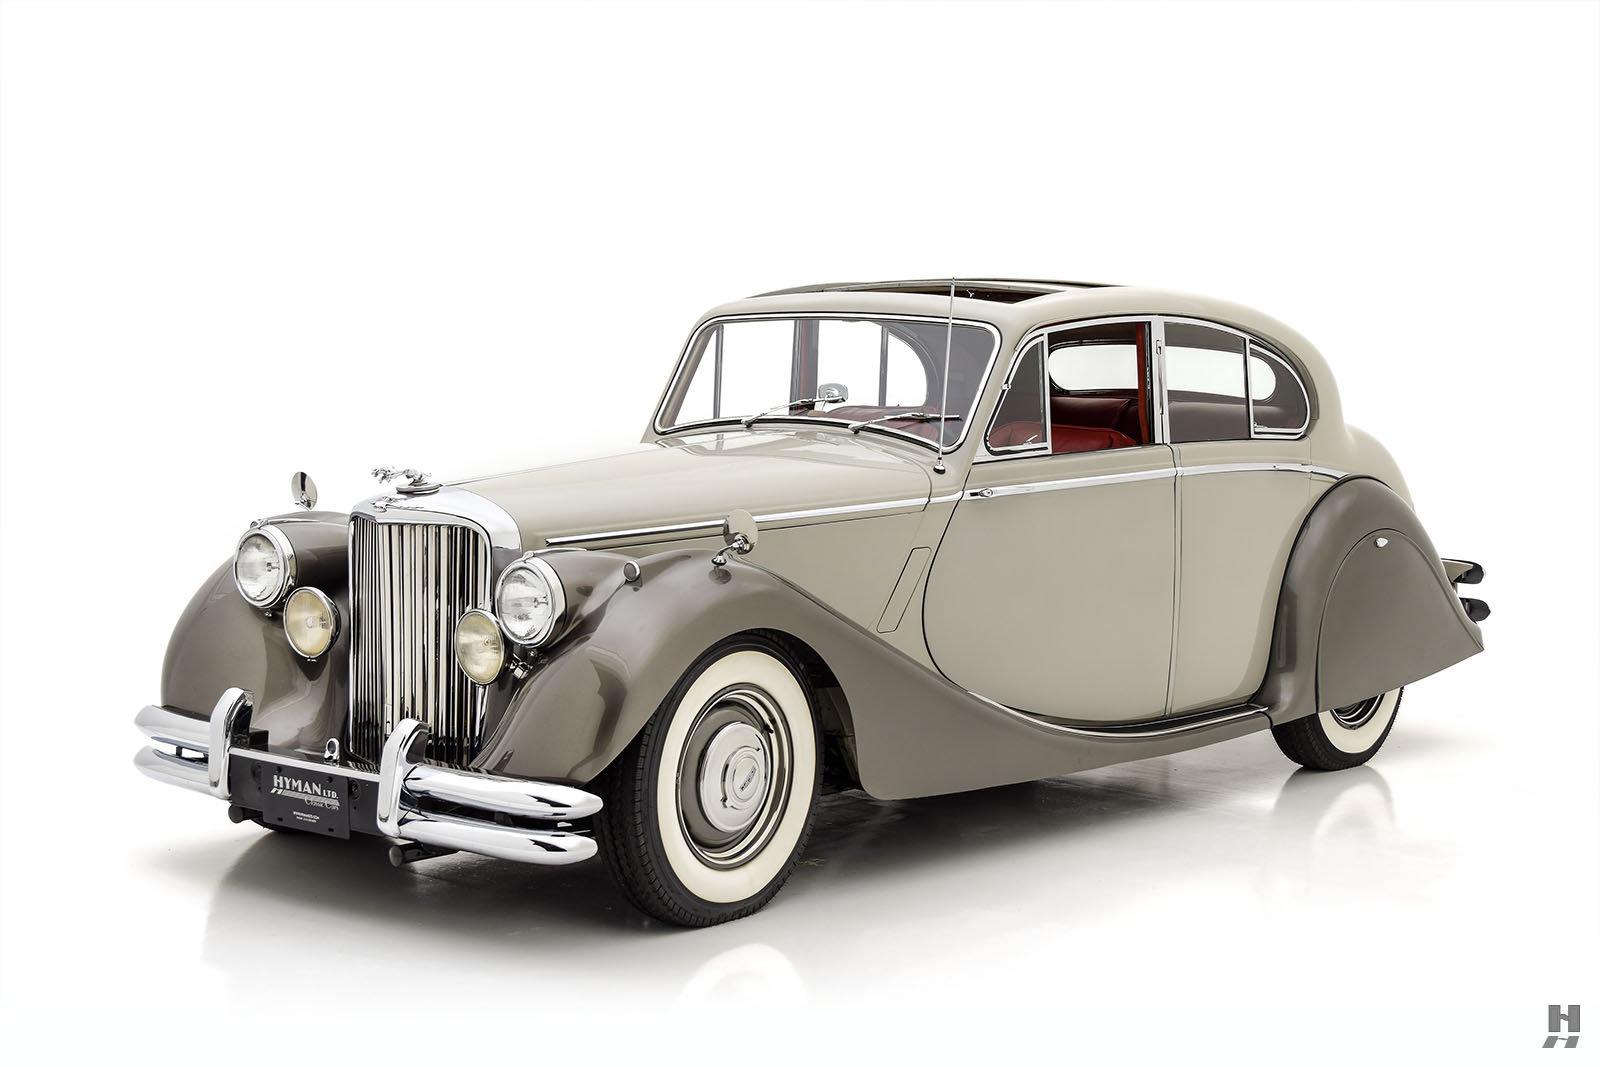 1950 JAGUAR MKV SALOON For Sale (picture 1 of 6)